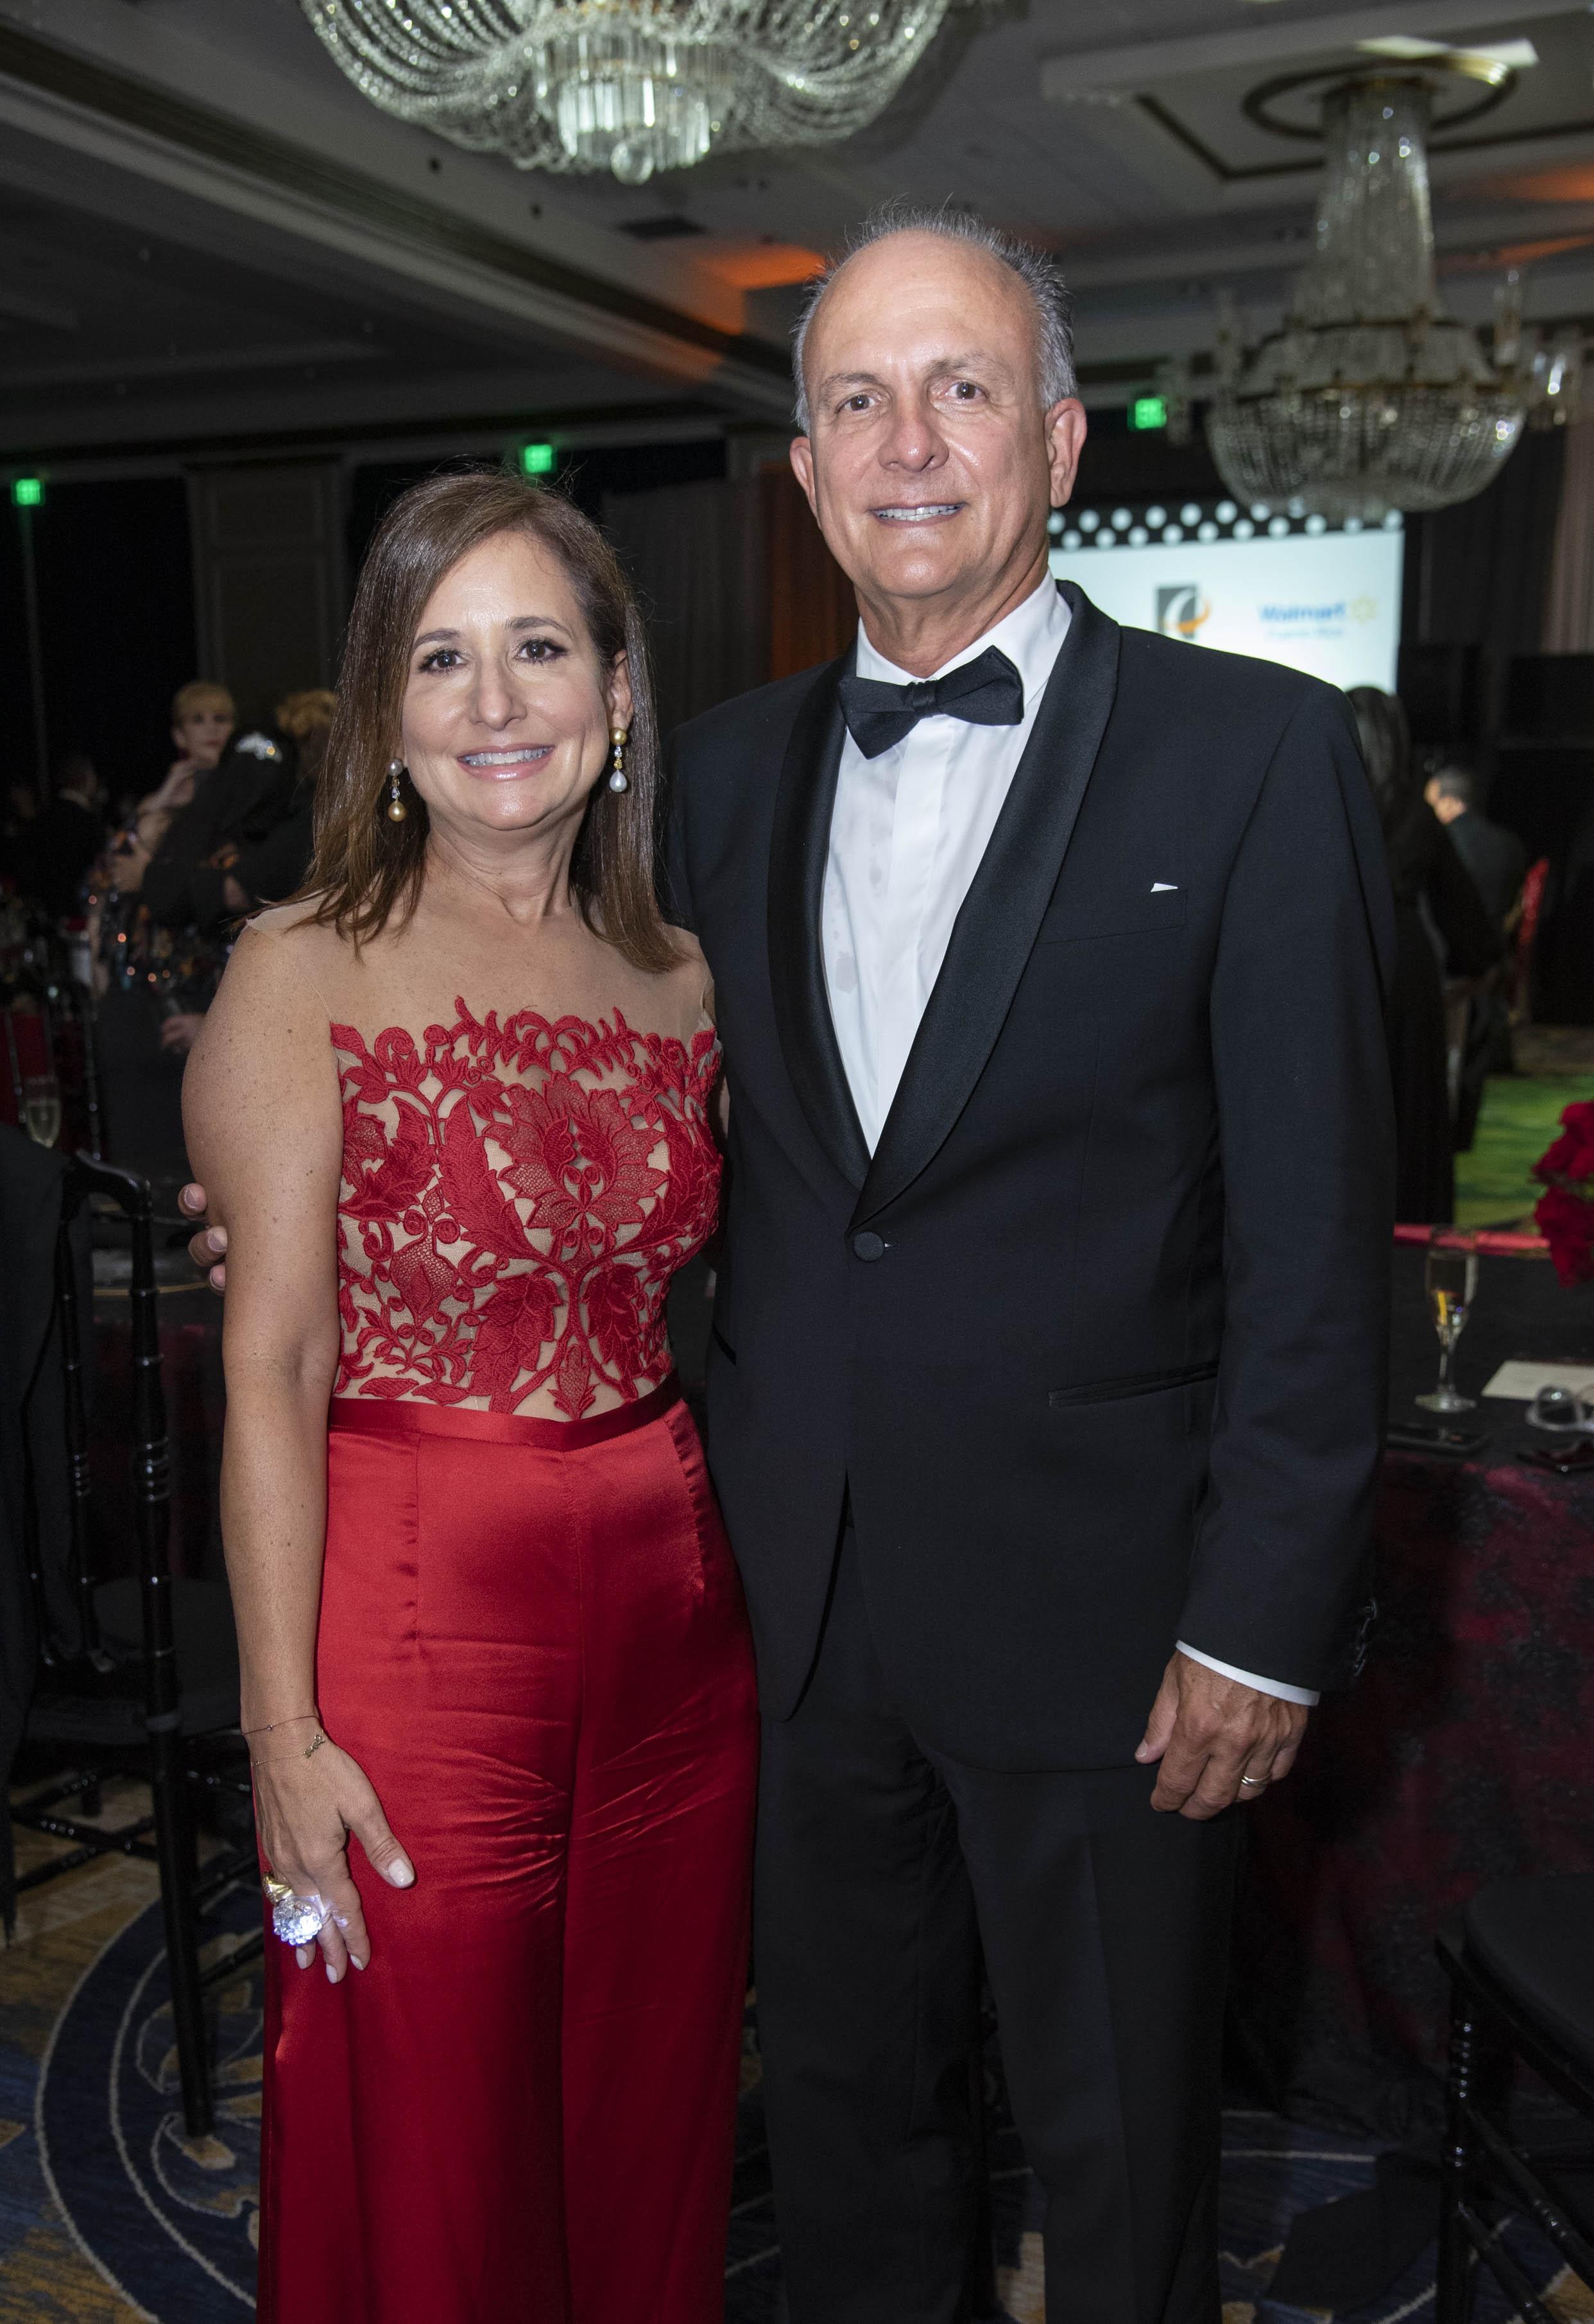 Aidilisa Levis y su esposo José Buenaga, presidente de la junta de directores de SACC PR. (Suministrada)